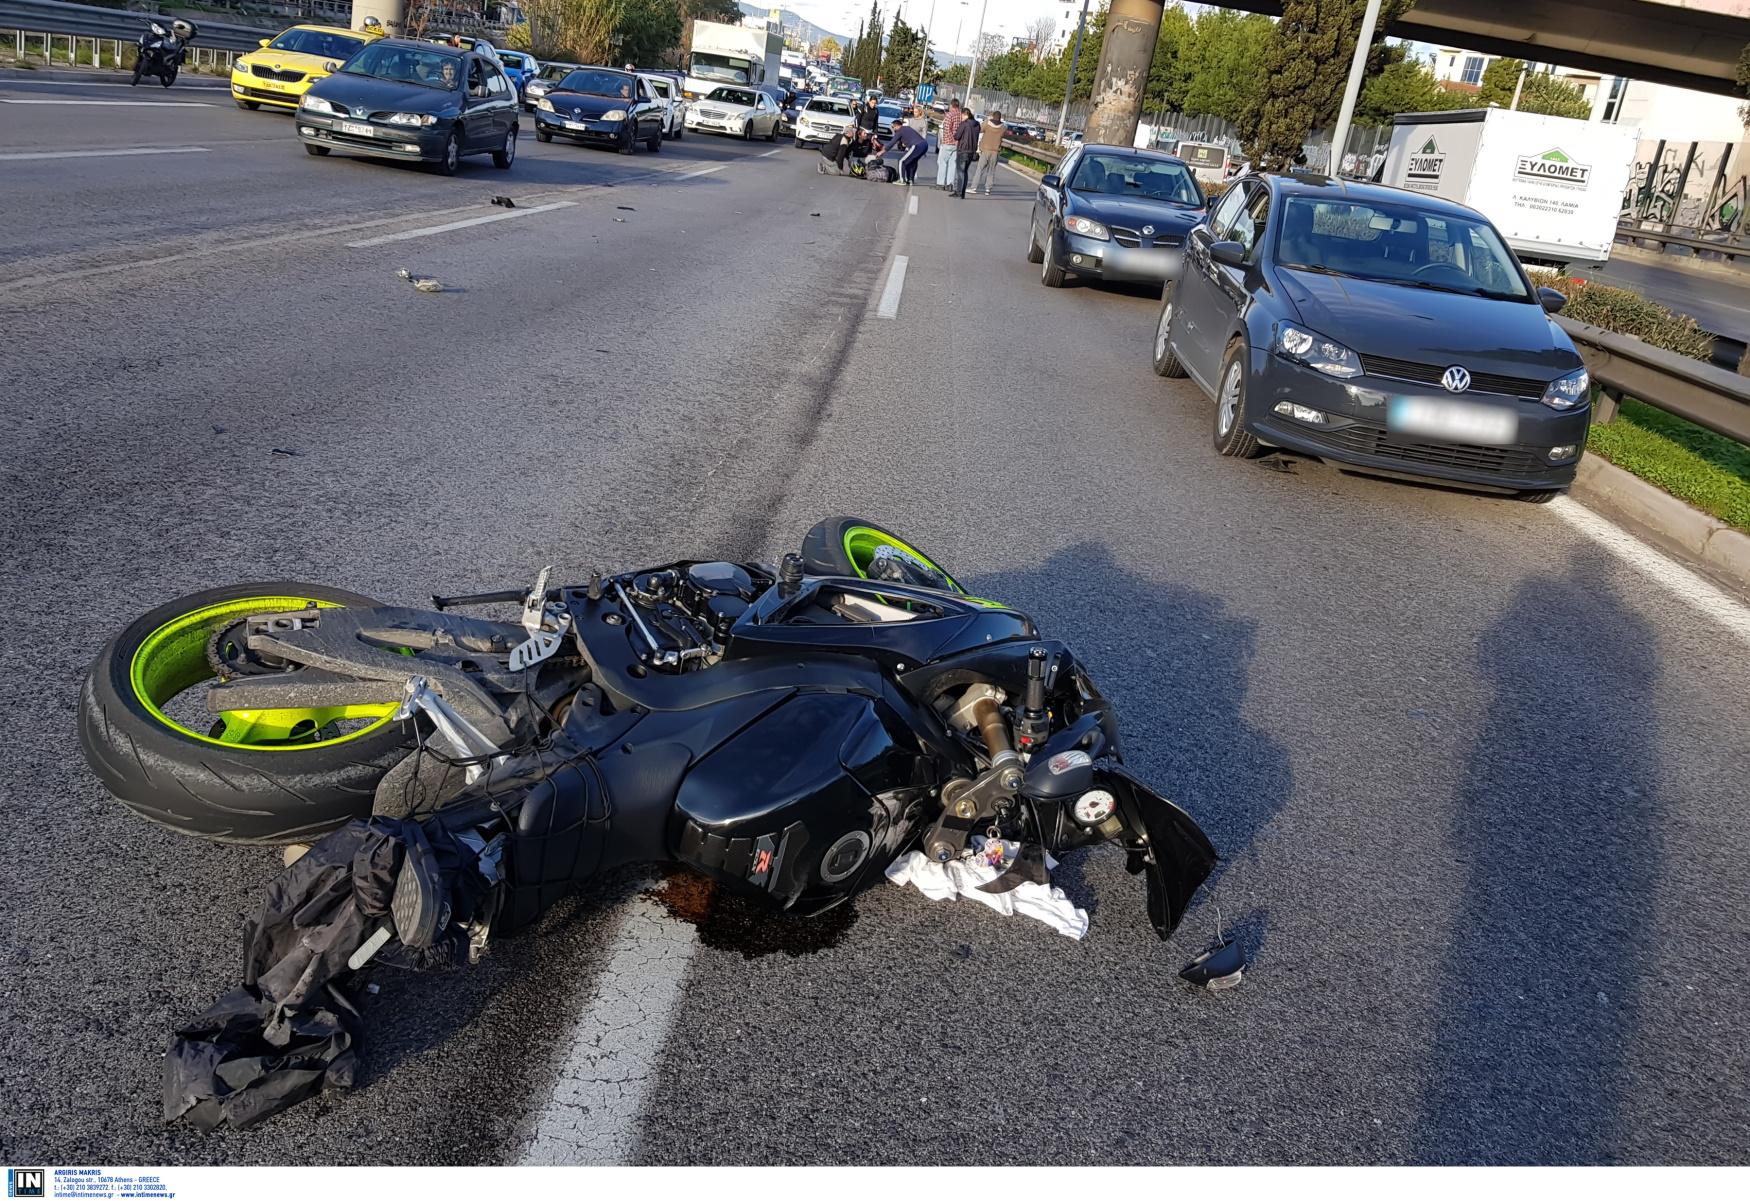 Νέο σοβαρό τροχαίο στην Κρήτη – Χαροπαλεύει 22χρονος μοτοσικλετιστής